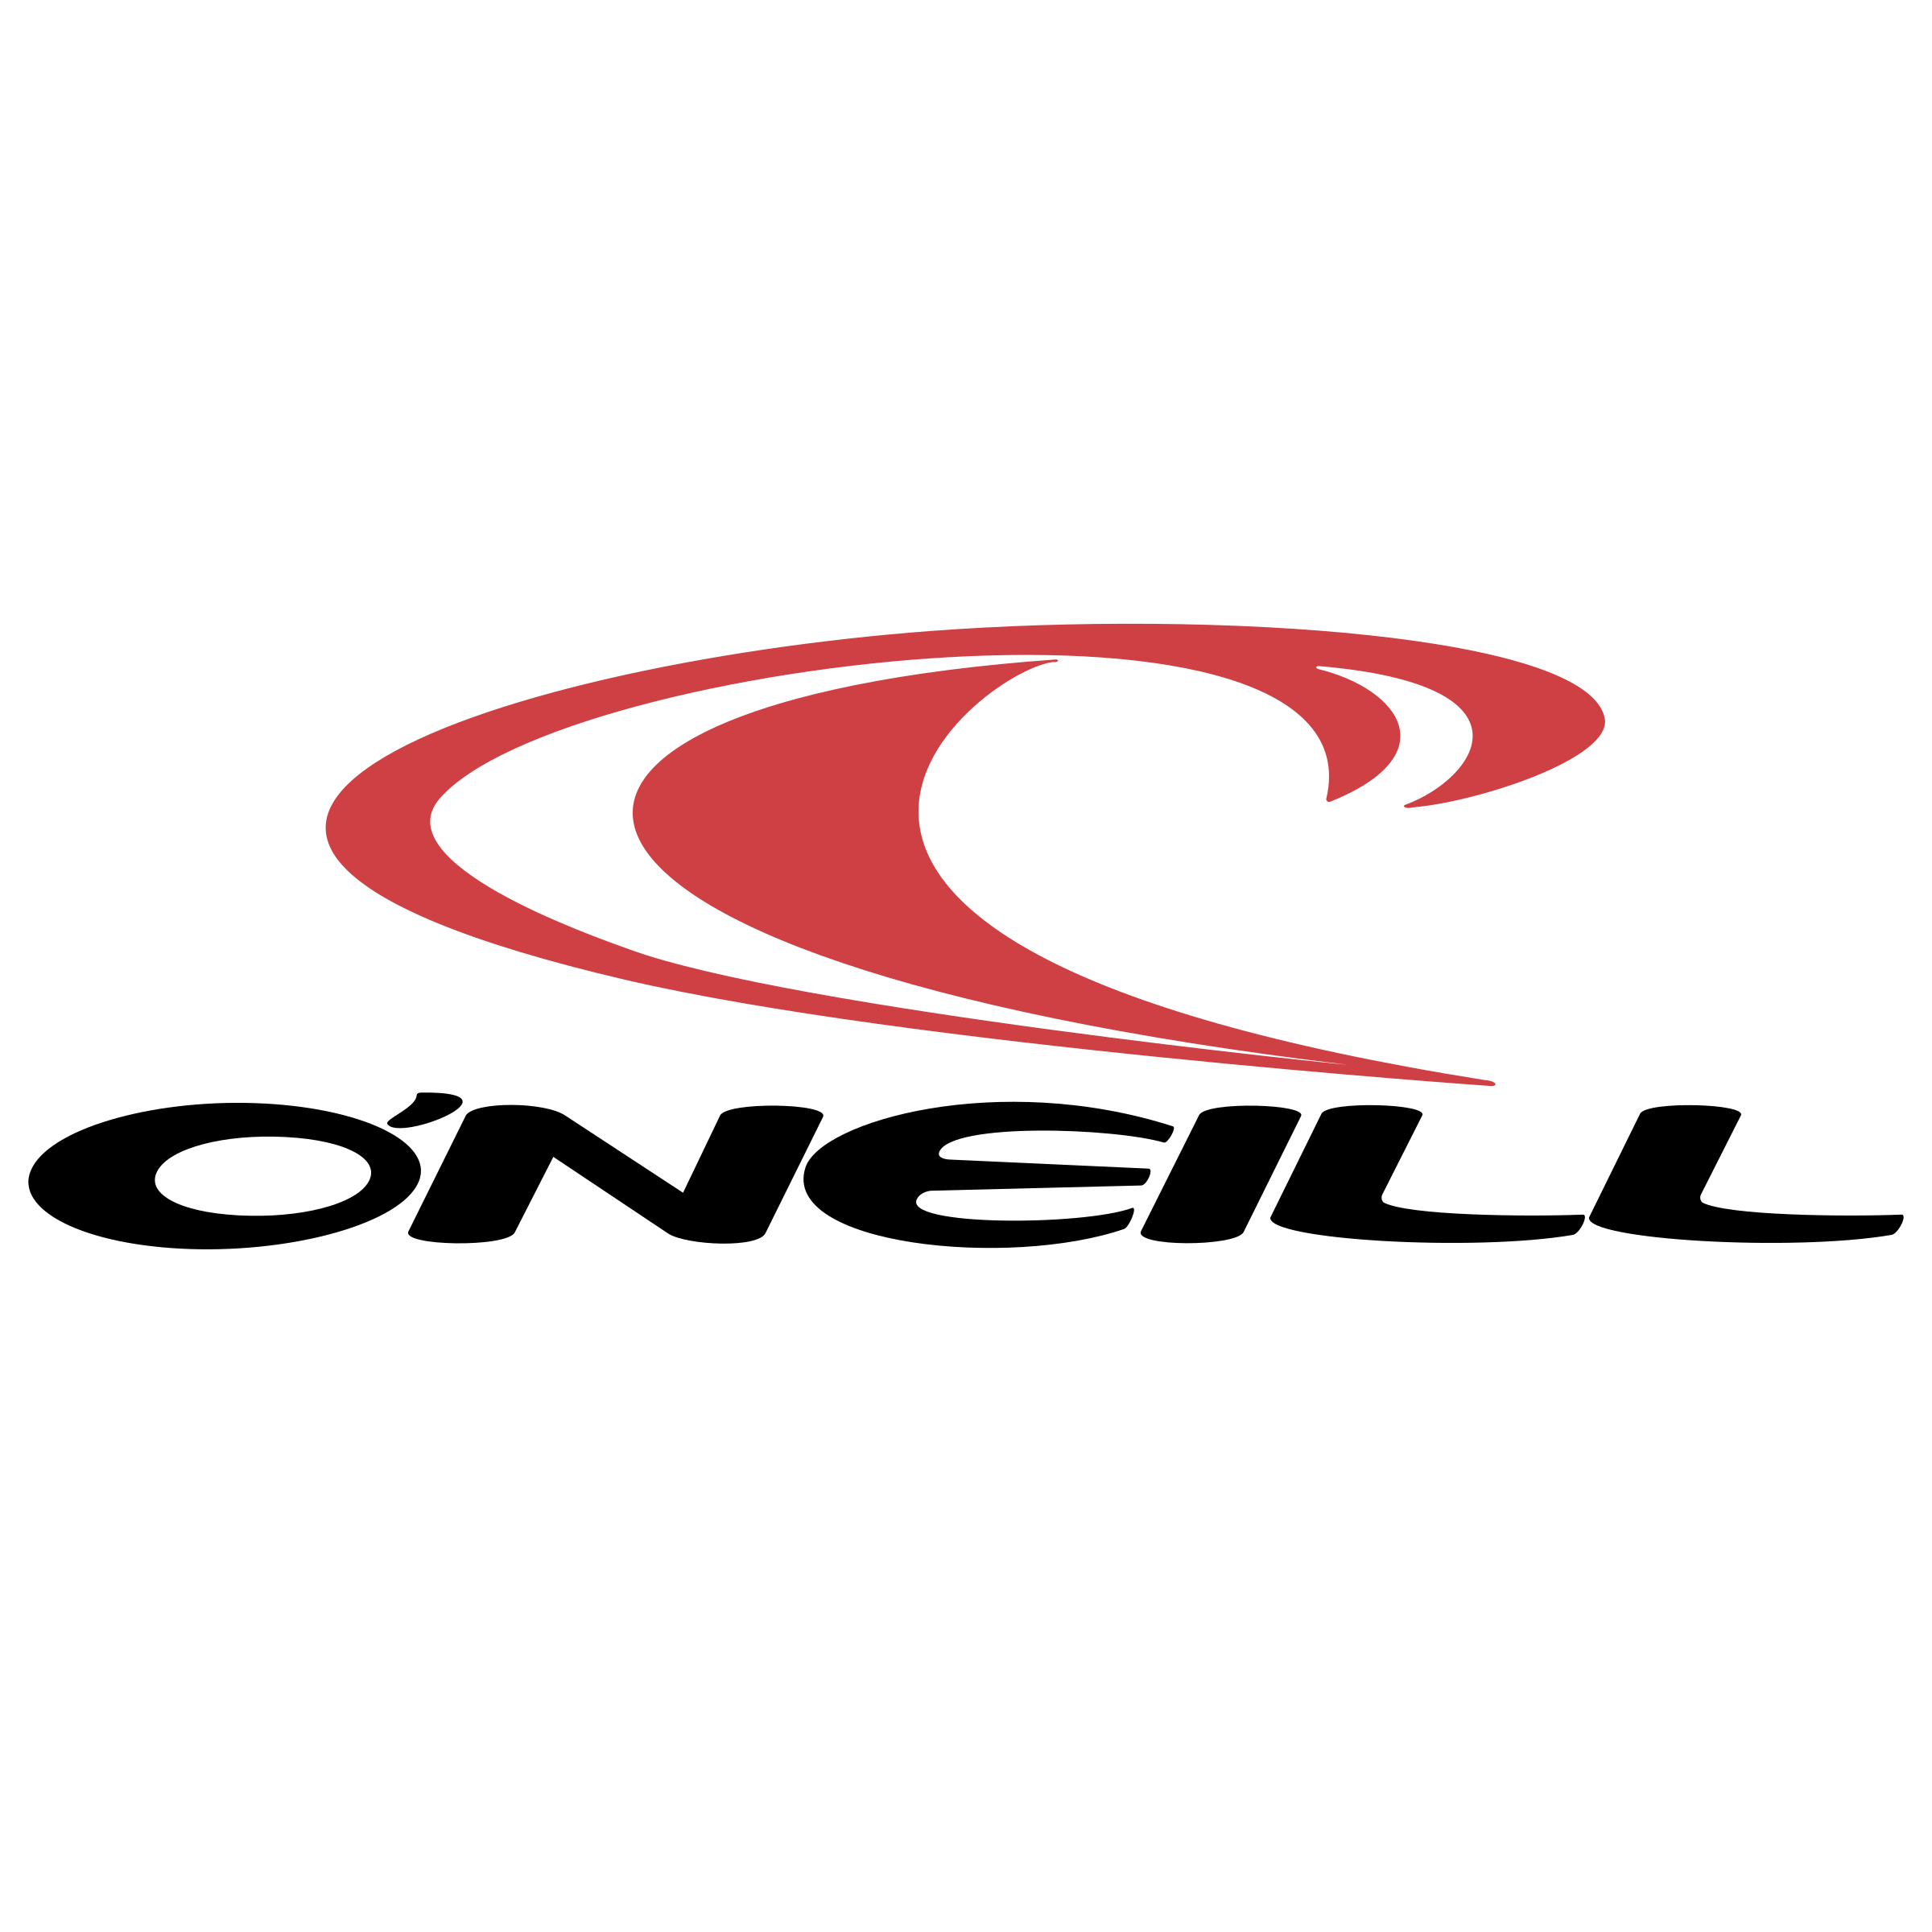 O'Neill®